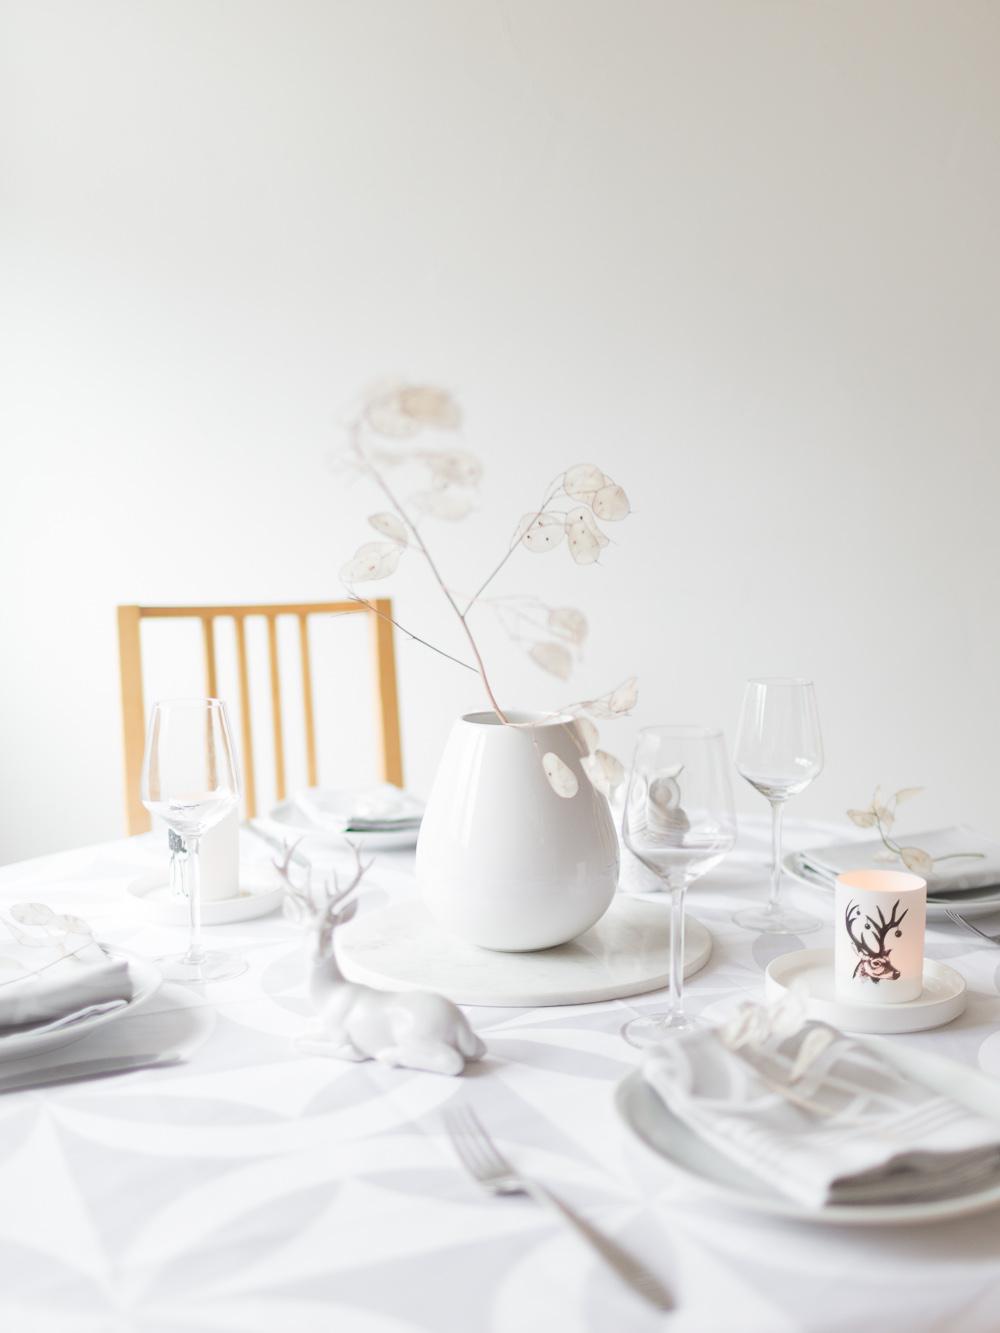 Blanccoco_Photographe_Jacquard_Francais_Styliste_Culinaire-7b